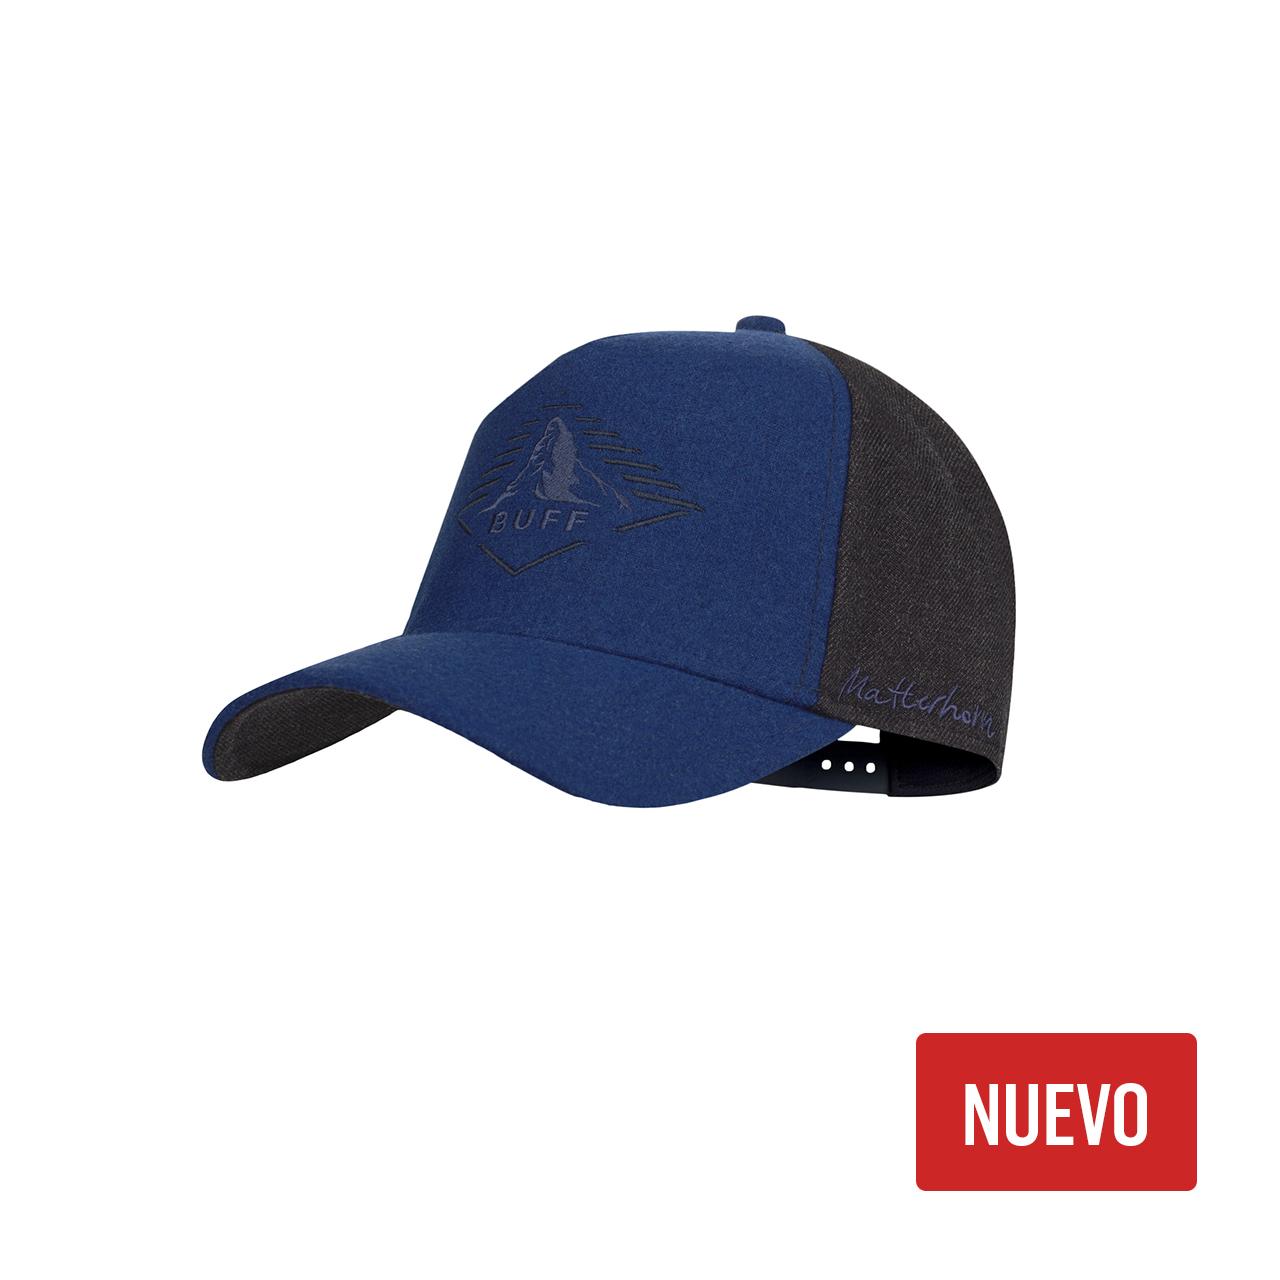 BUFF SNAPBACK CAP MATTERHORN BLUE